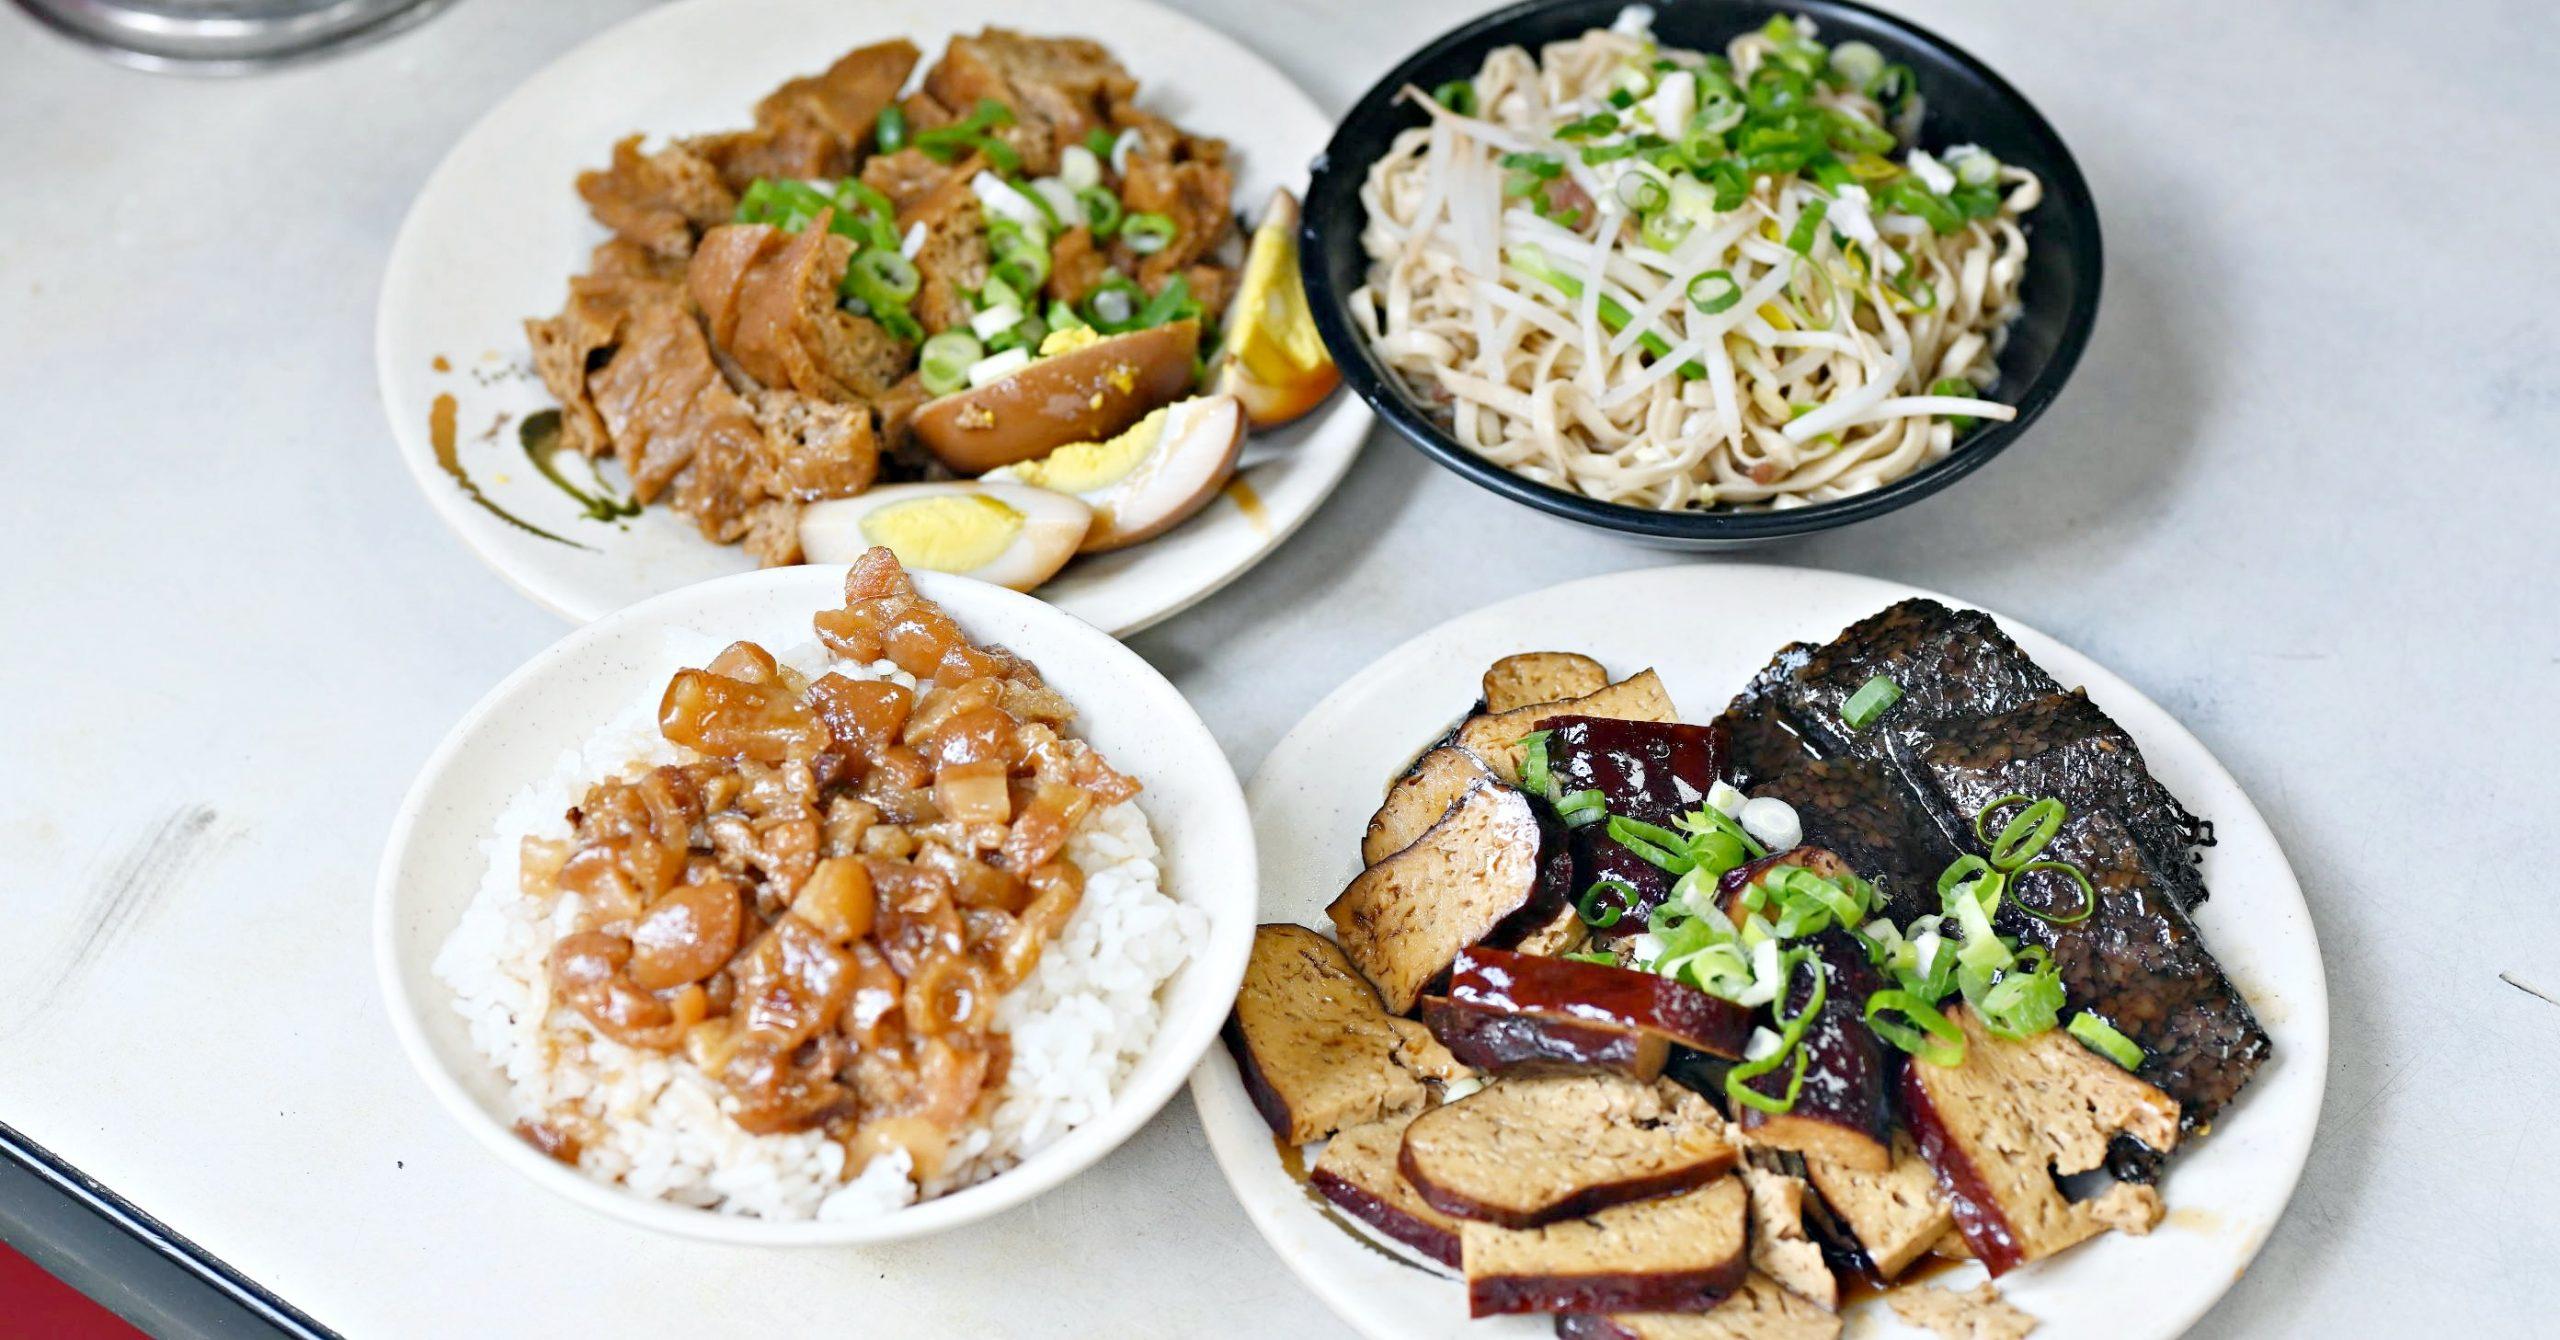 西門美食,程味珍,程味珍意麵,西門程味珍,程味珍菜單,程味珍推薦餐點 @Nash,神之領域